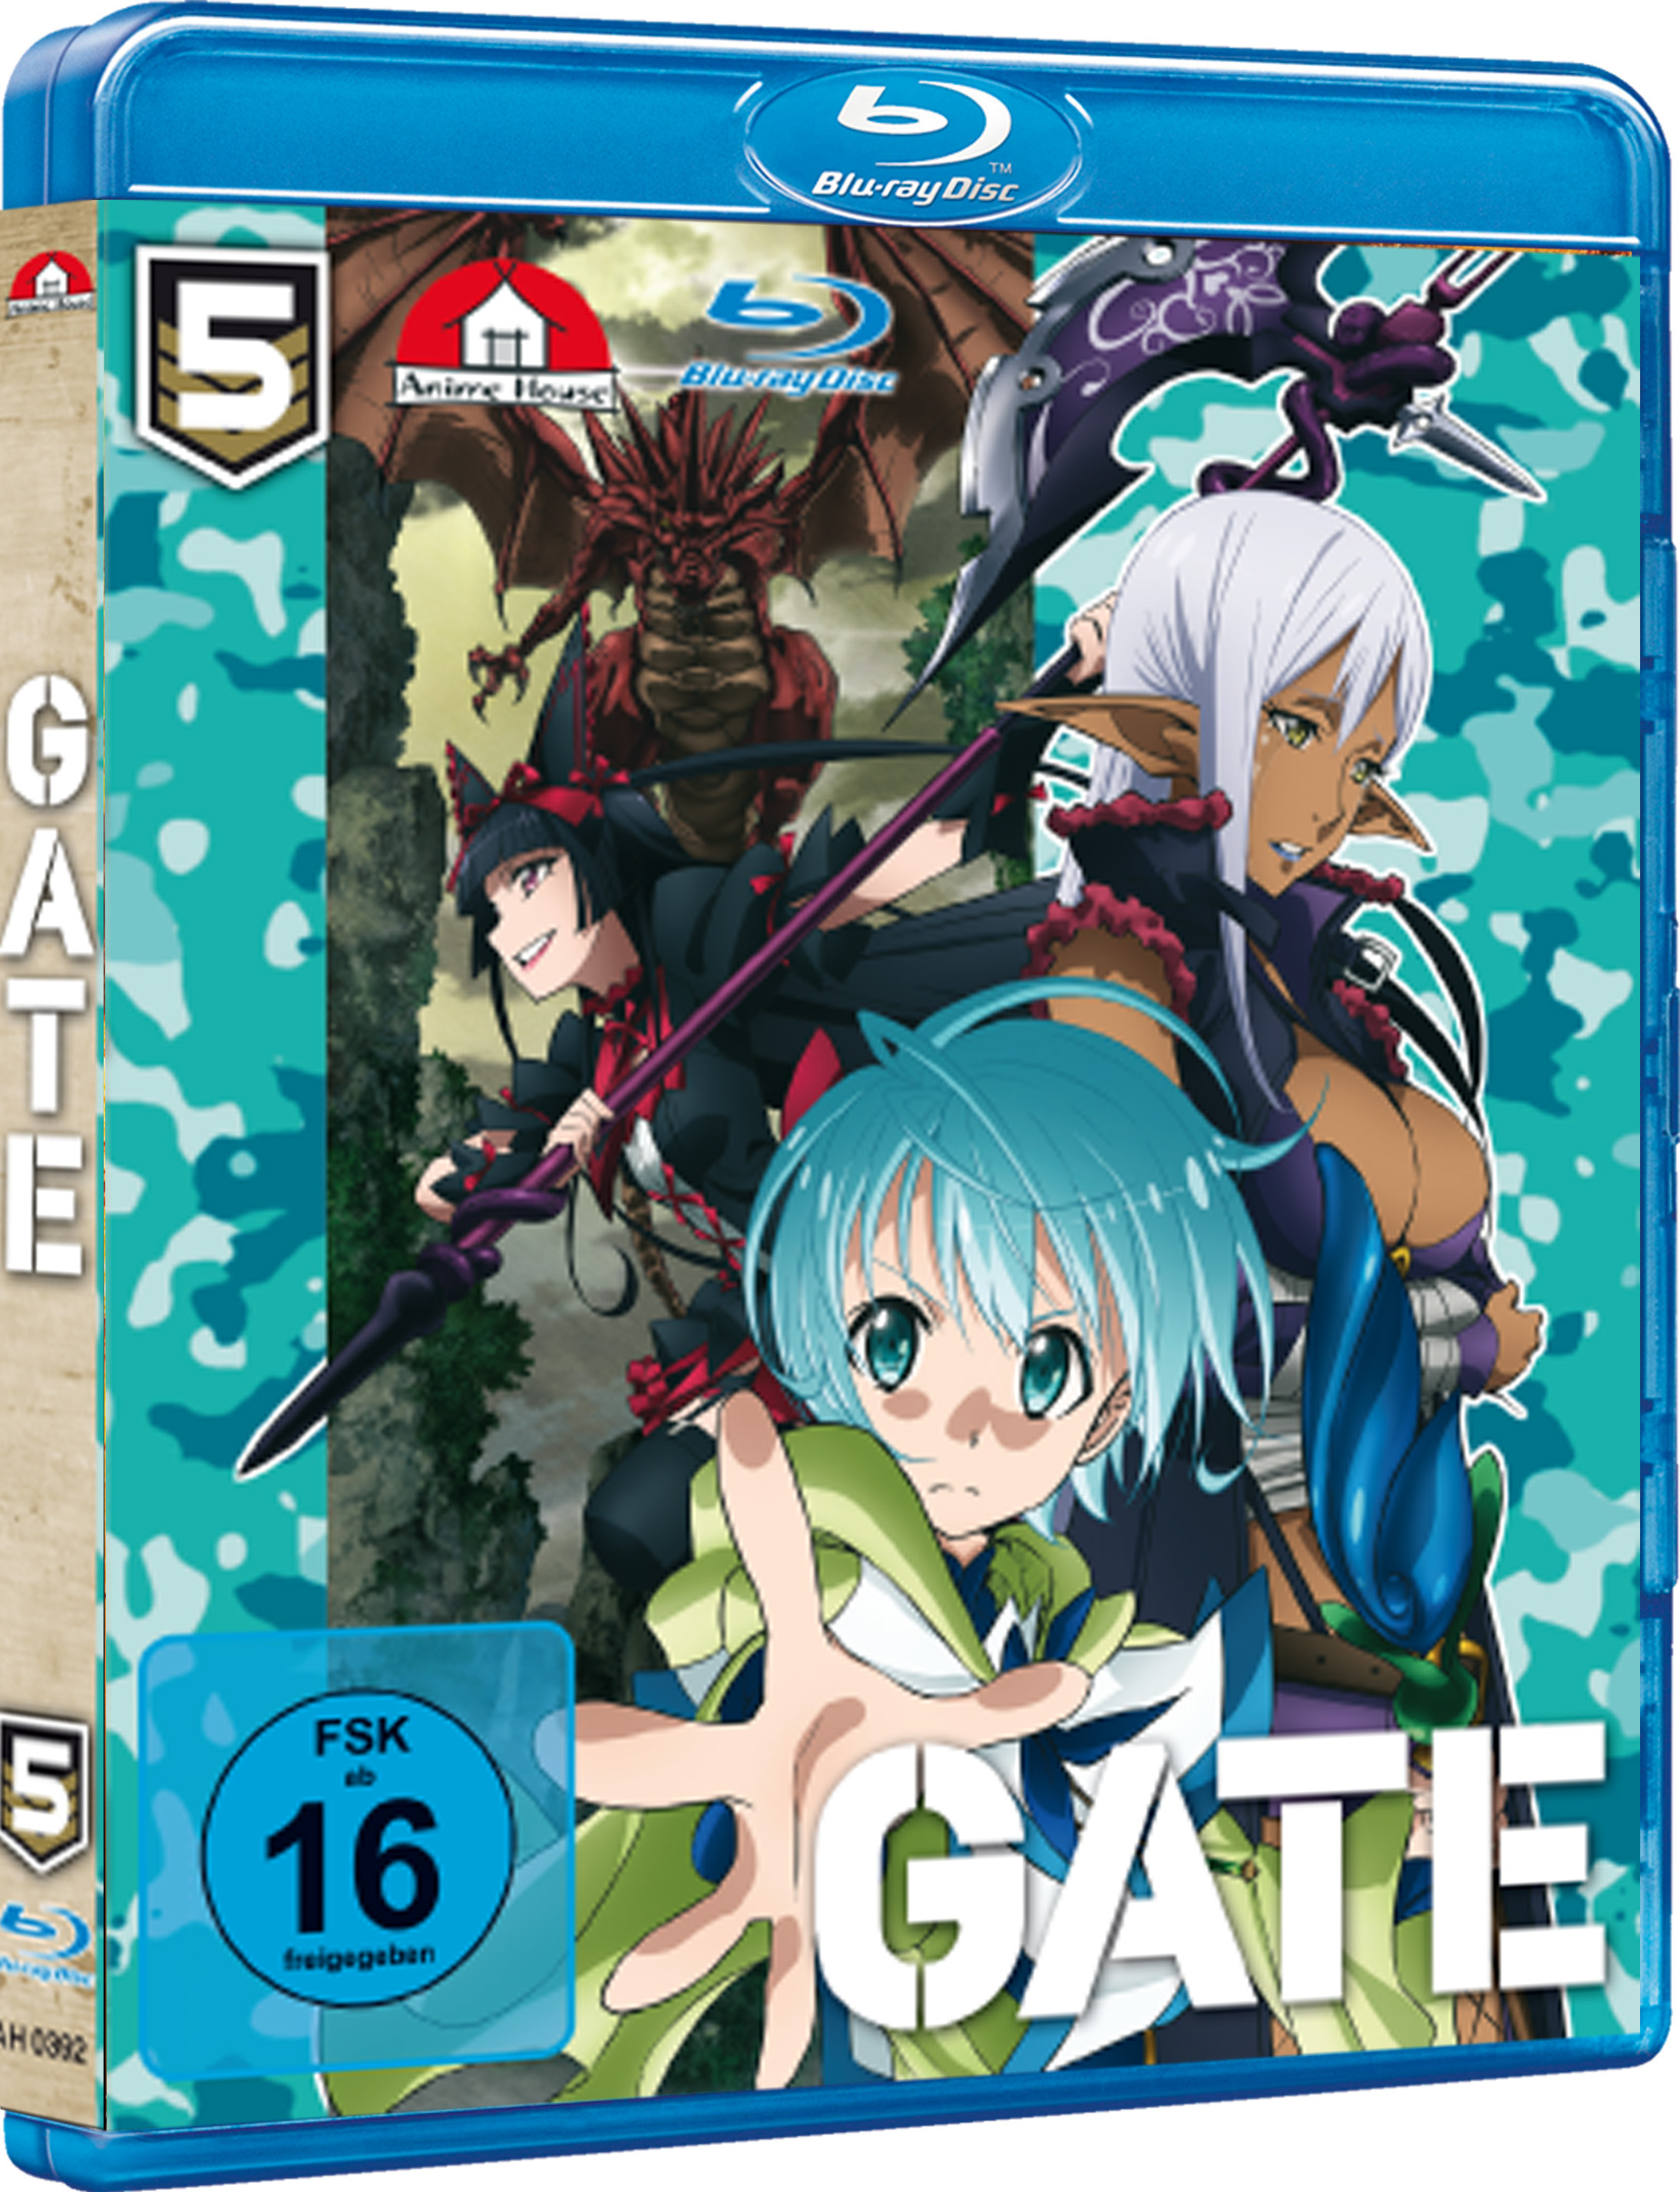 Anime im Test: GATE Vol. 5